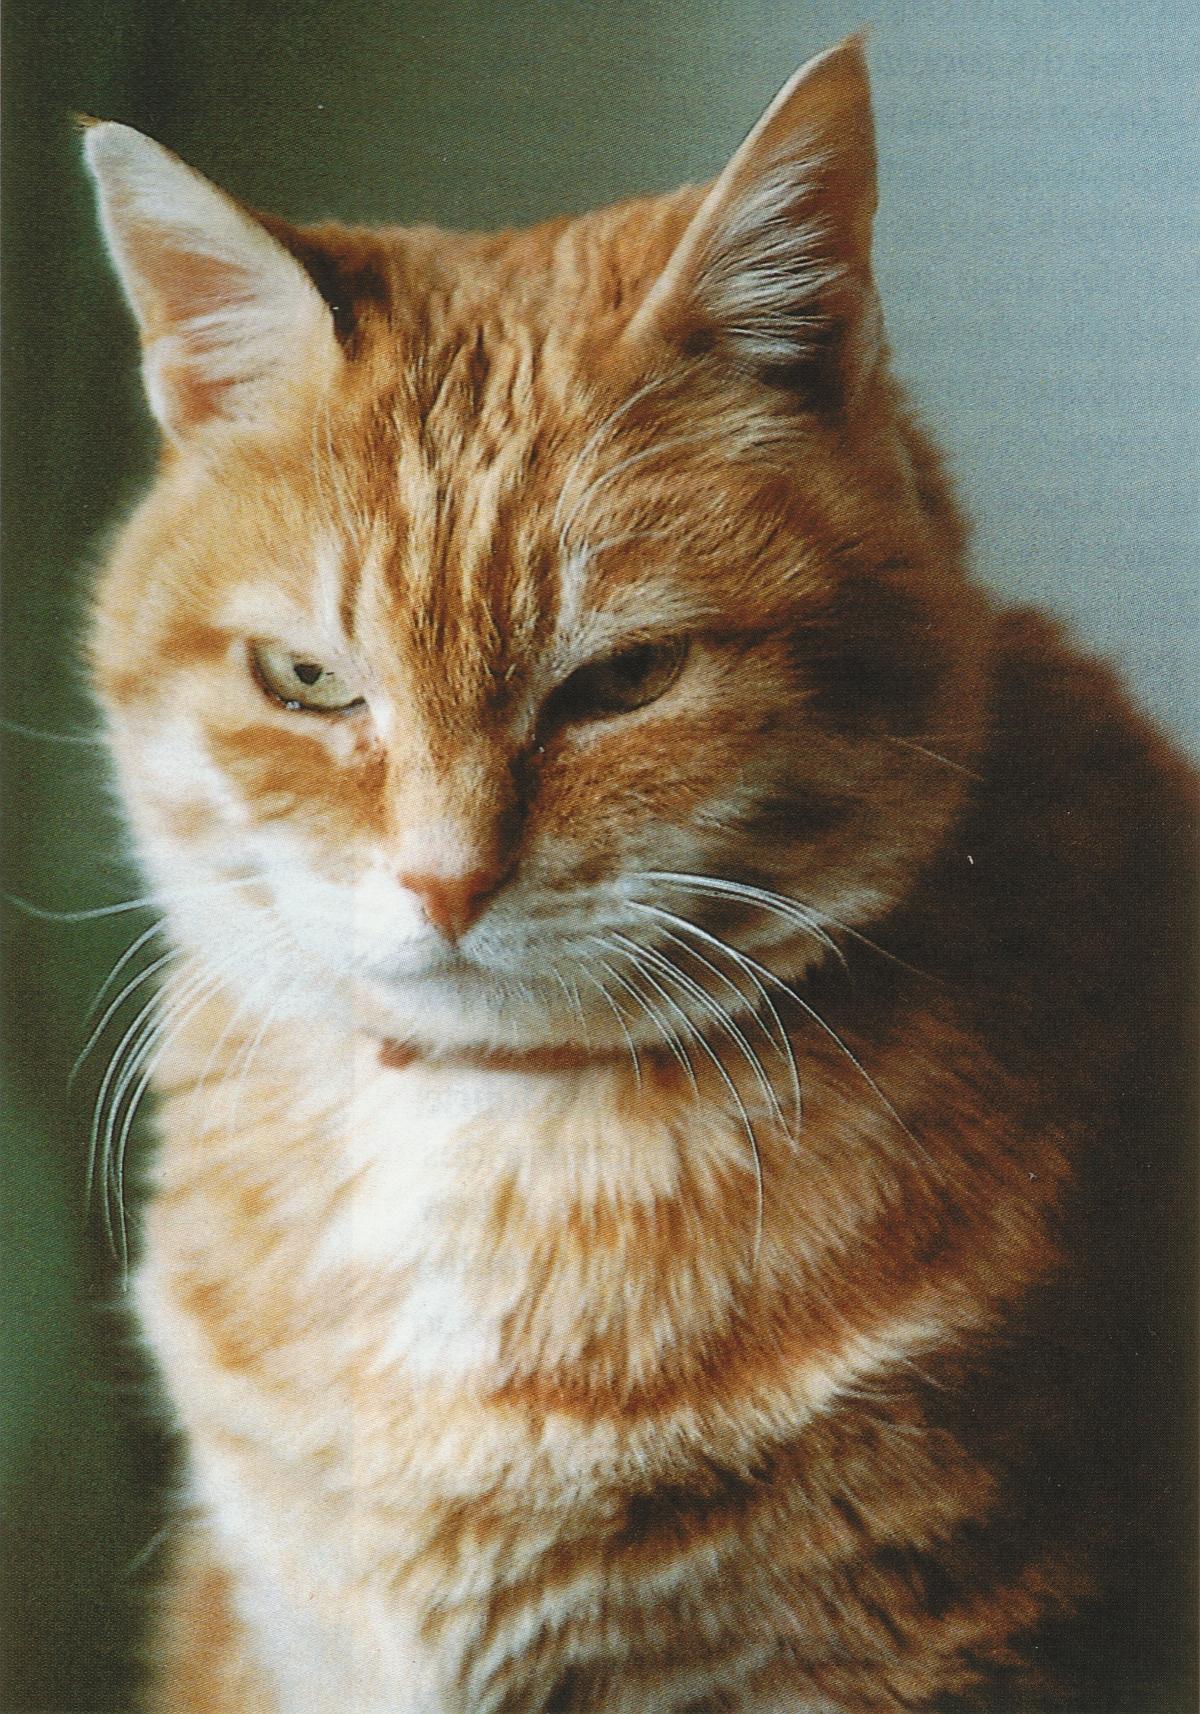 Mischi a été l'une des chattes de ma compagne, Renate. Mischi était égyptienne, Renate l'avait sauvée de la rue au Caire, lors de l'un de ses nombreux séjours en Égypte, cliquer pour une vue agrandie